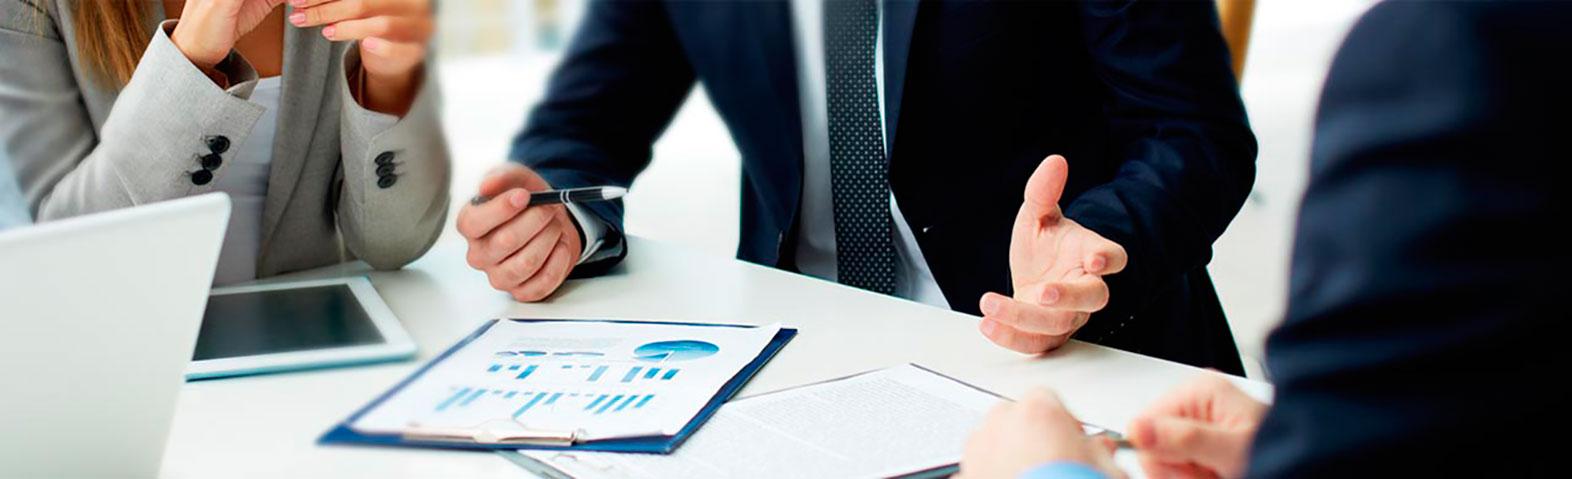 Профессиональная помощь юристов для предпринимателей